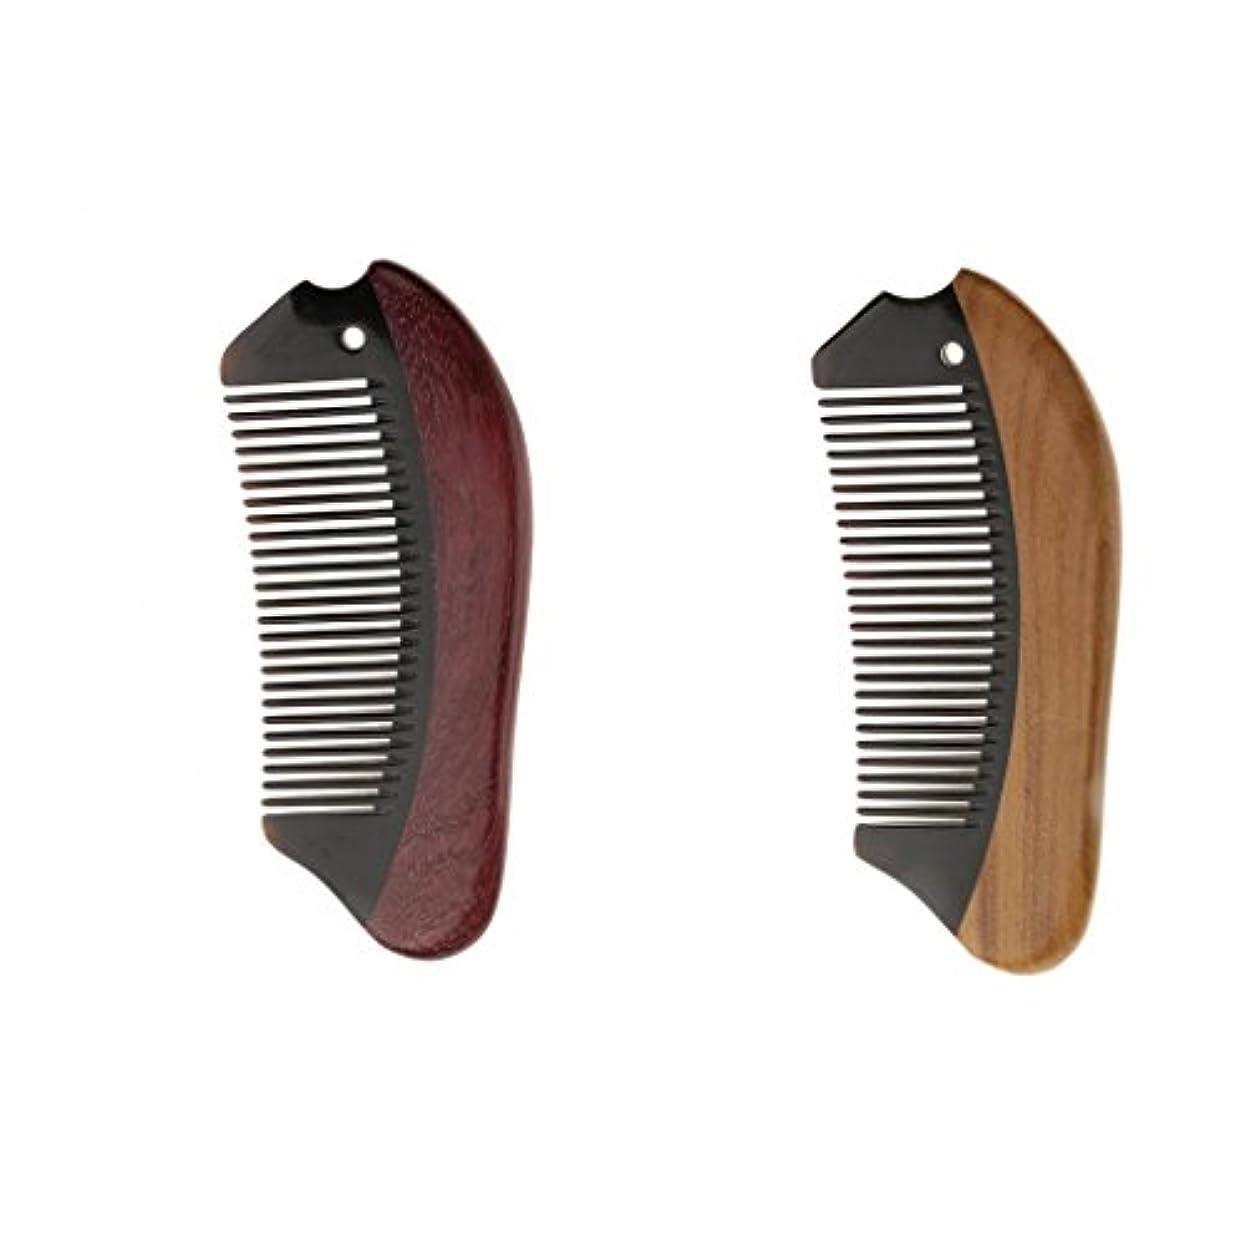 ぬいぐるみペックフレッシュ2個 木製 櫛 コーム 静電気防止 ウッド マッサージ 高品質